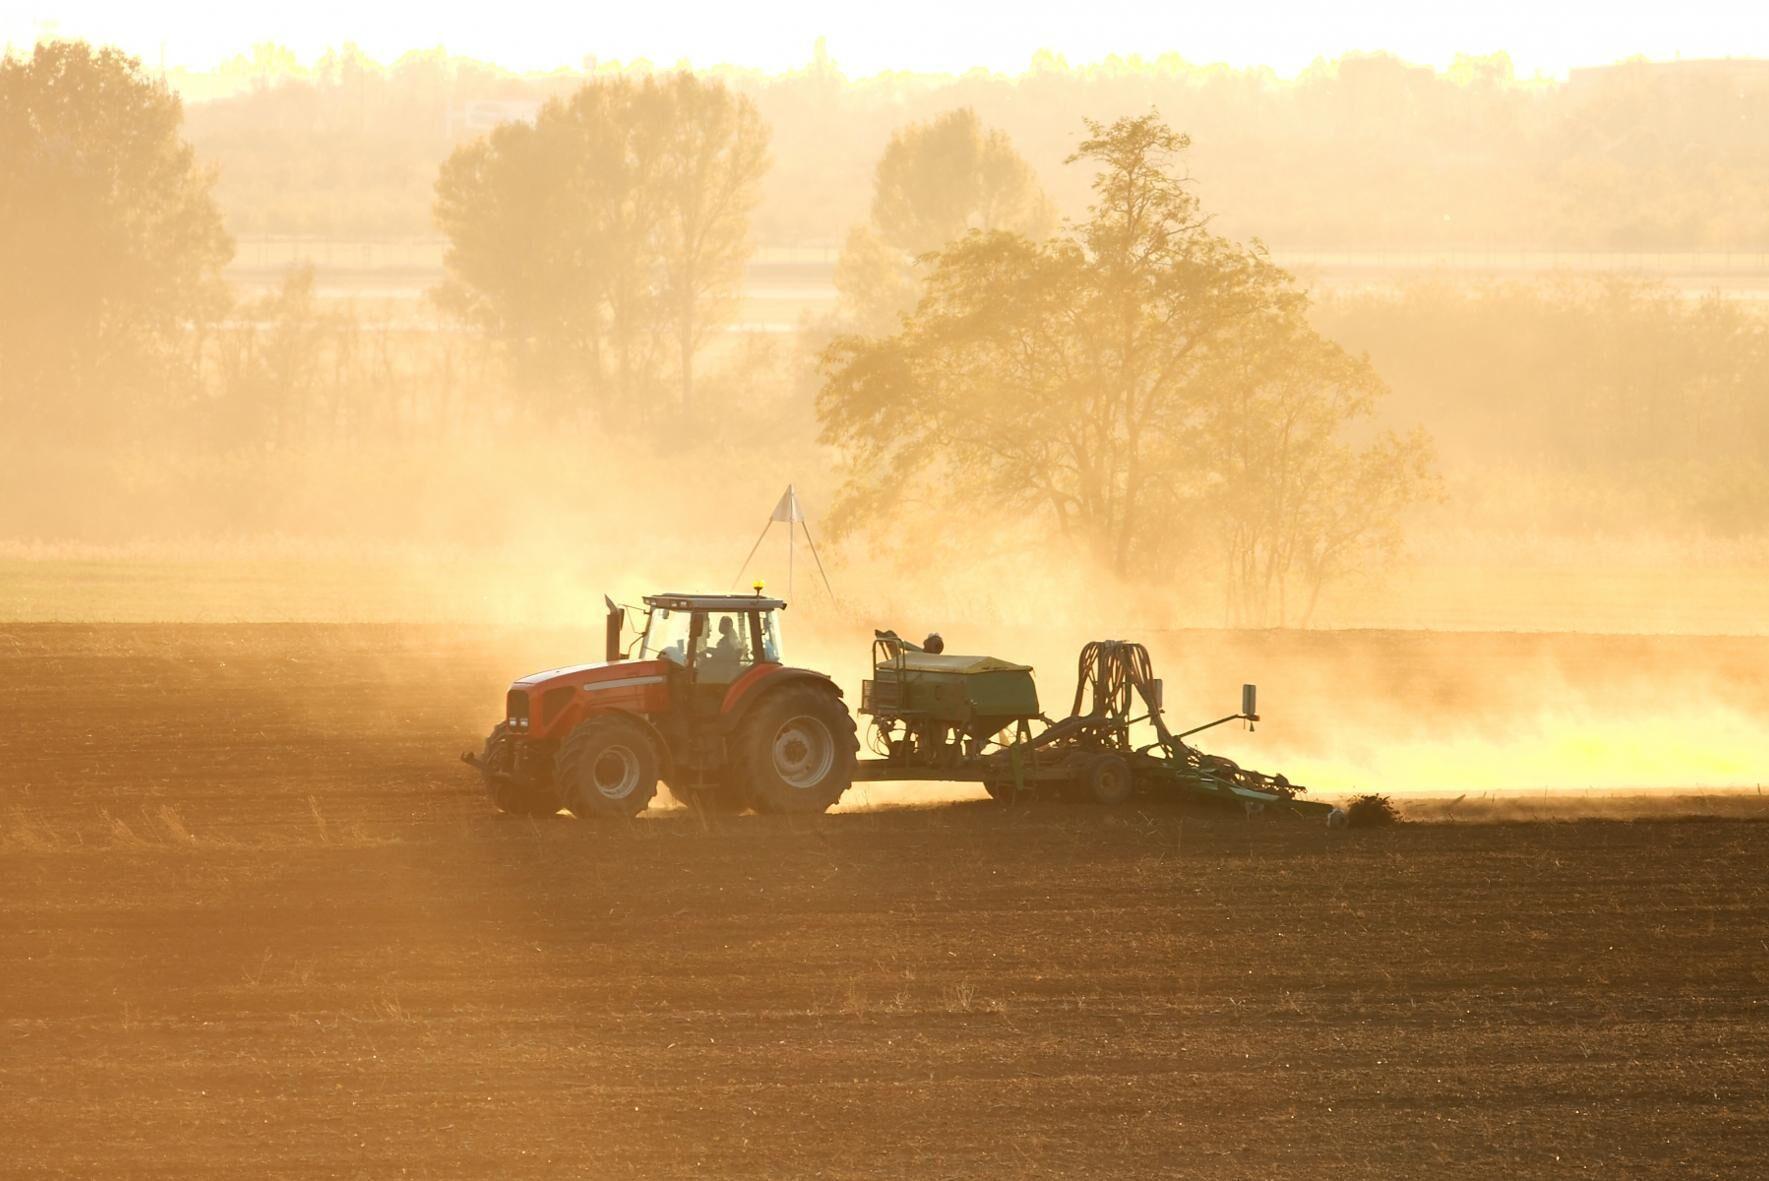 Problemet för lantbrukare som ATL talat med är ofta att alls få lånet.